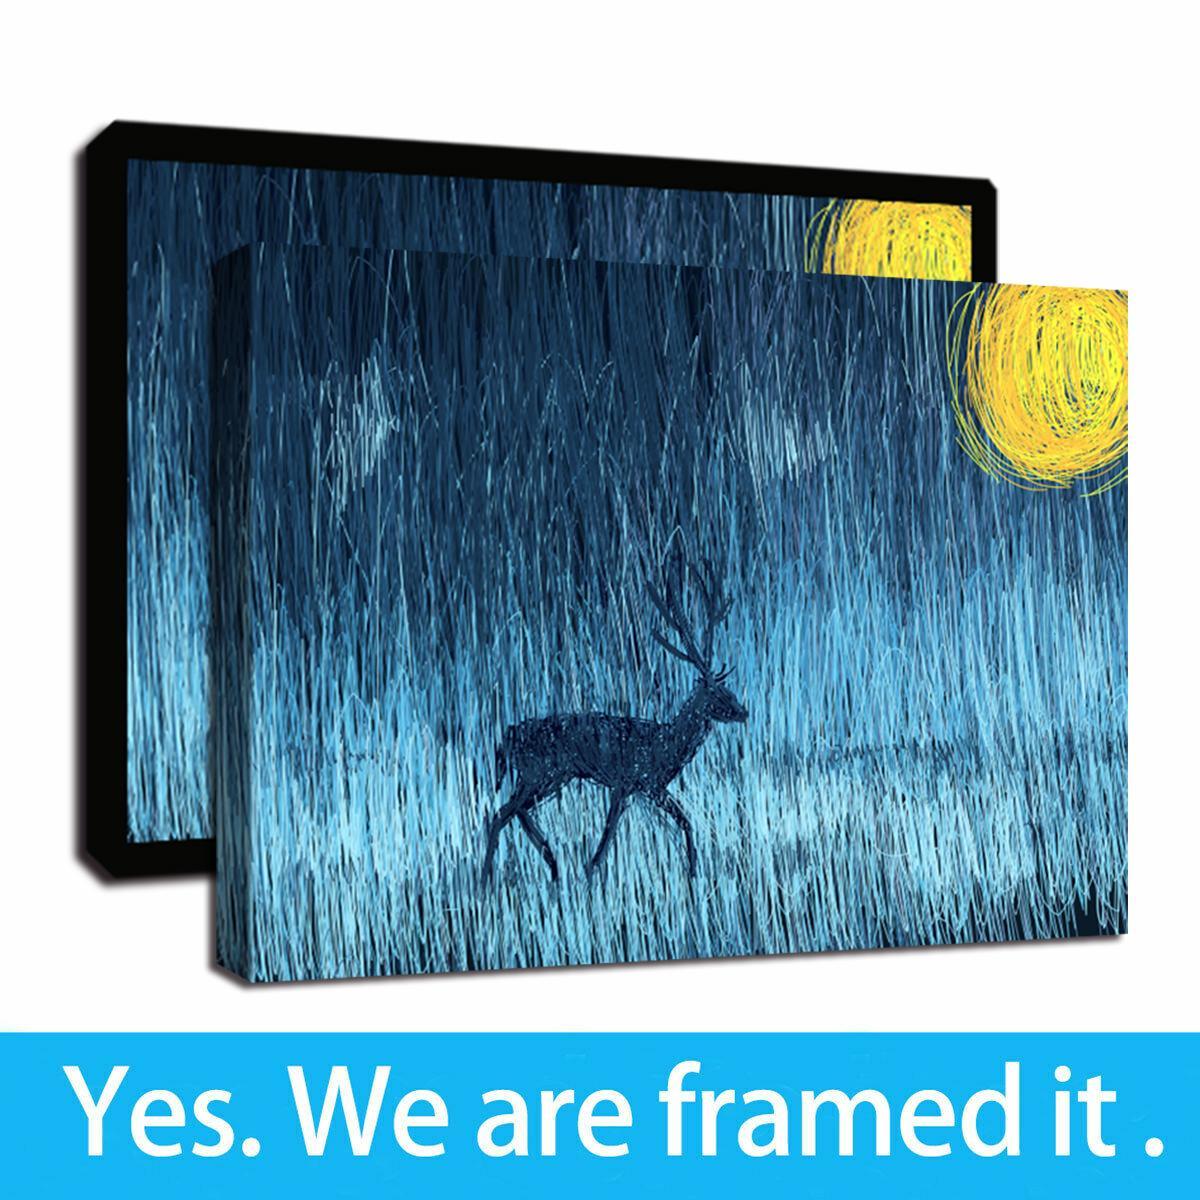 Печать холст Фото ванной Декор стены Абстрактный Starry Night Moon Elk животных Картина Дир Холст Обрамлено готовы повесить